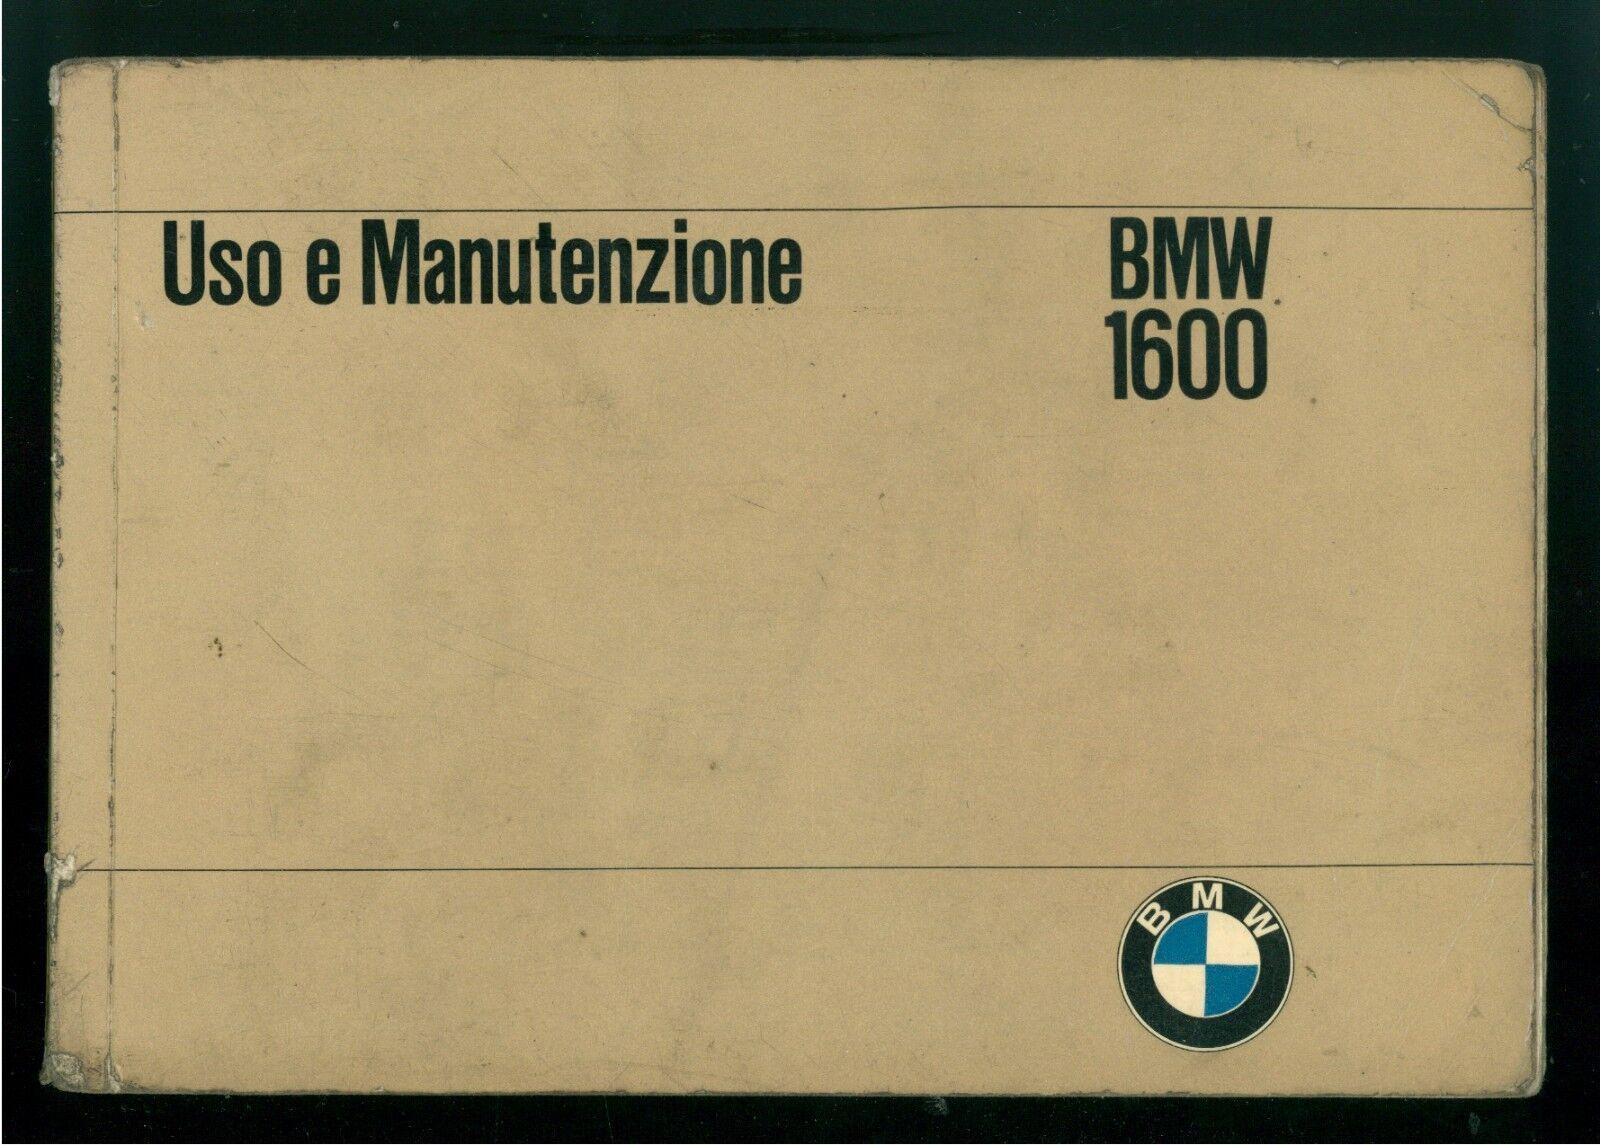 BMW 1600 LIBRETTO USO E MANUTENZIONE 1966 AUTOMOBILI MOTORI MACCHINE